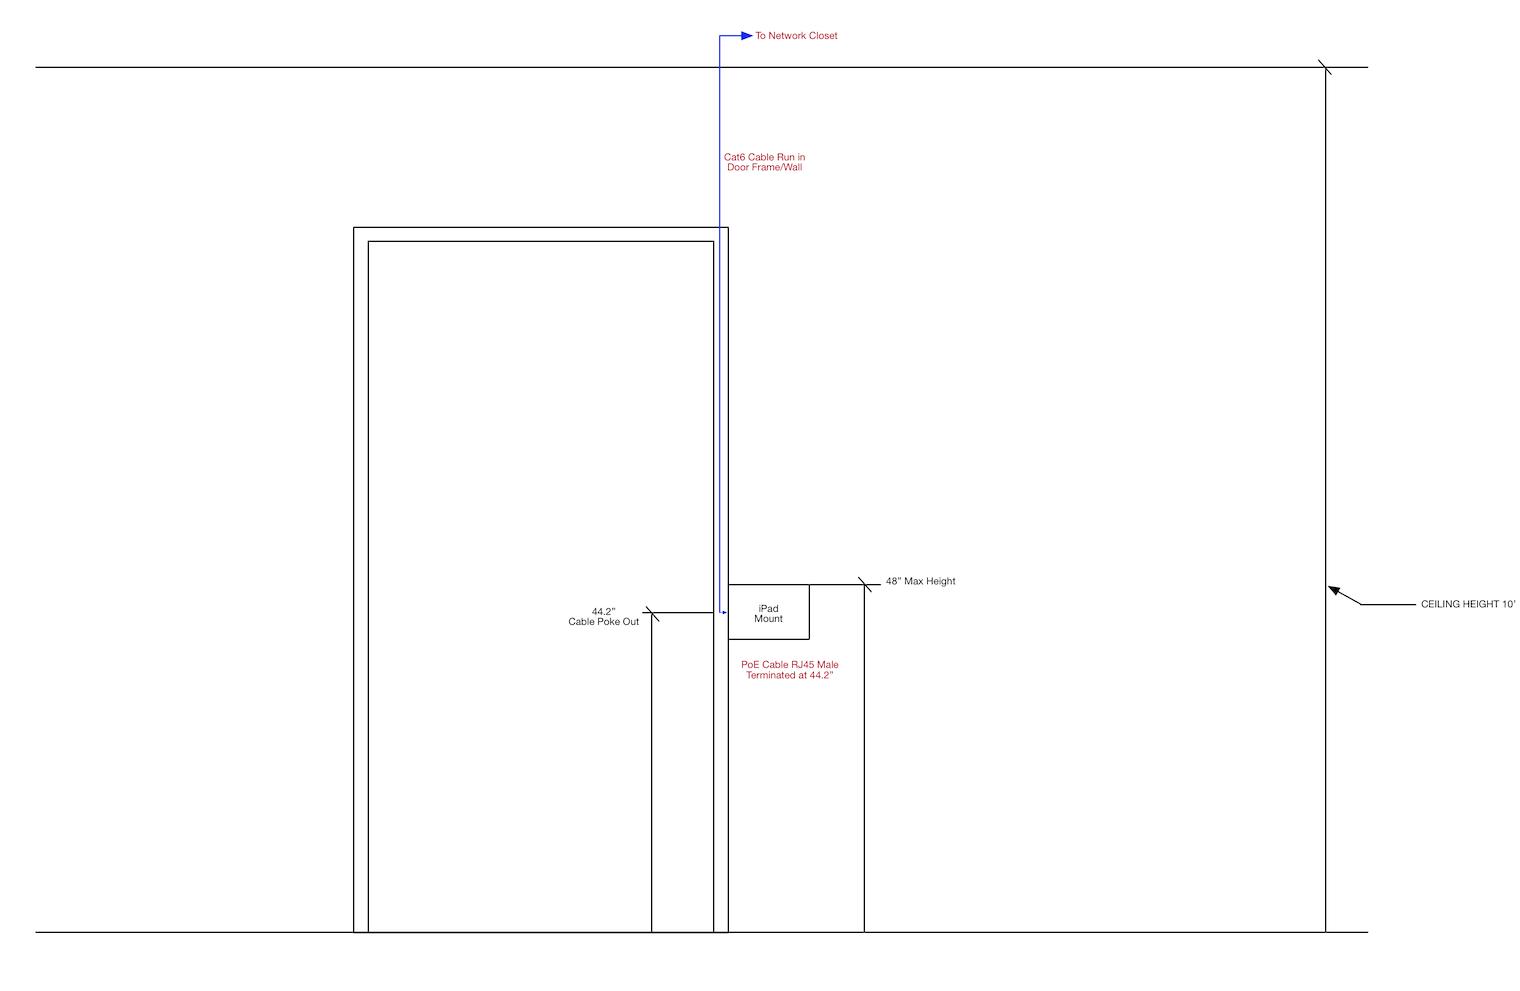 Scheduling Display Zoom Help Center